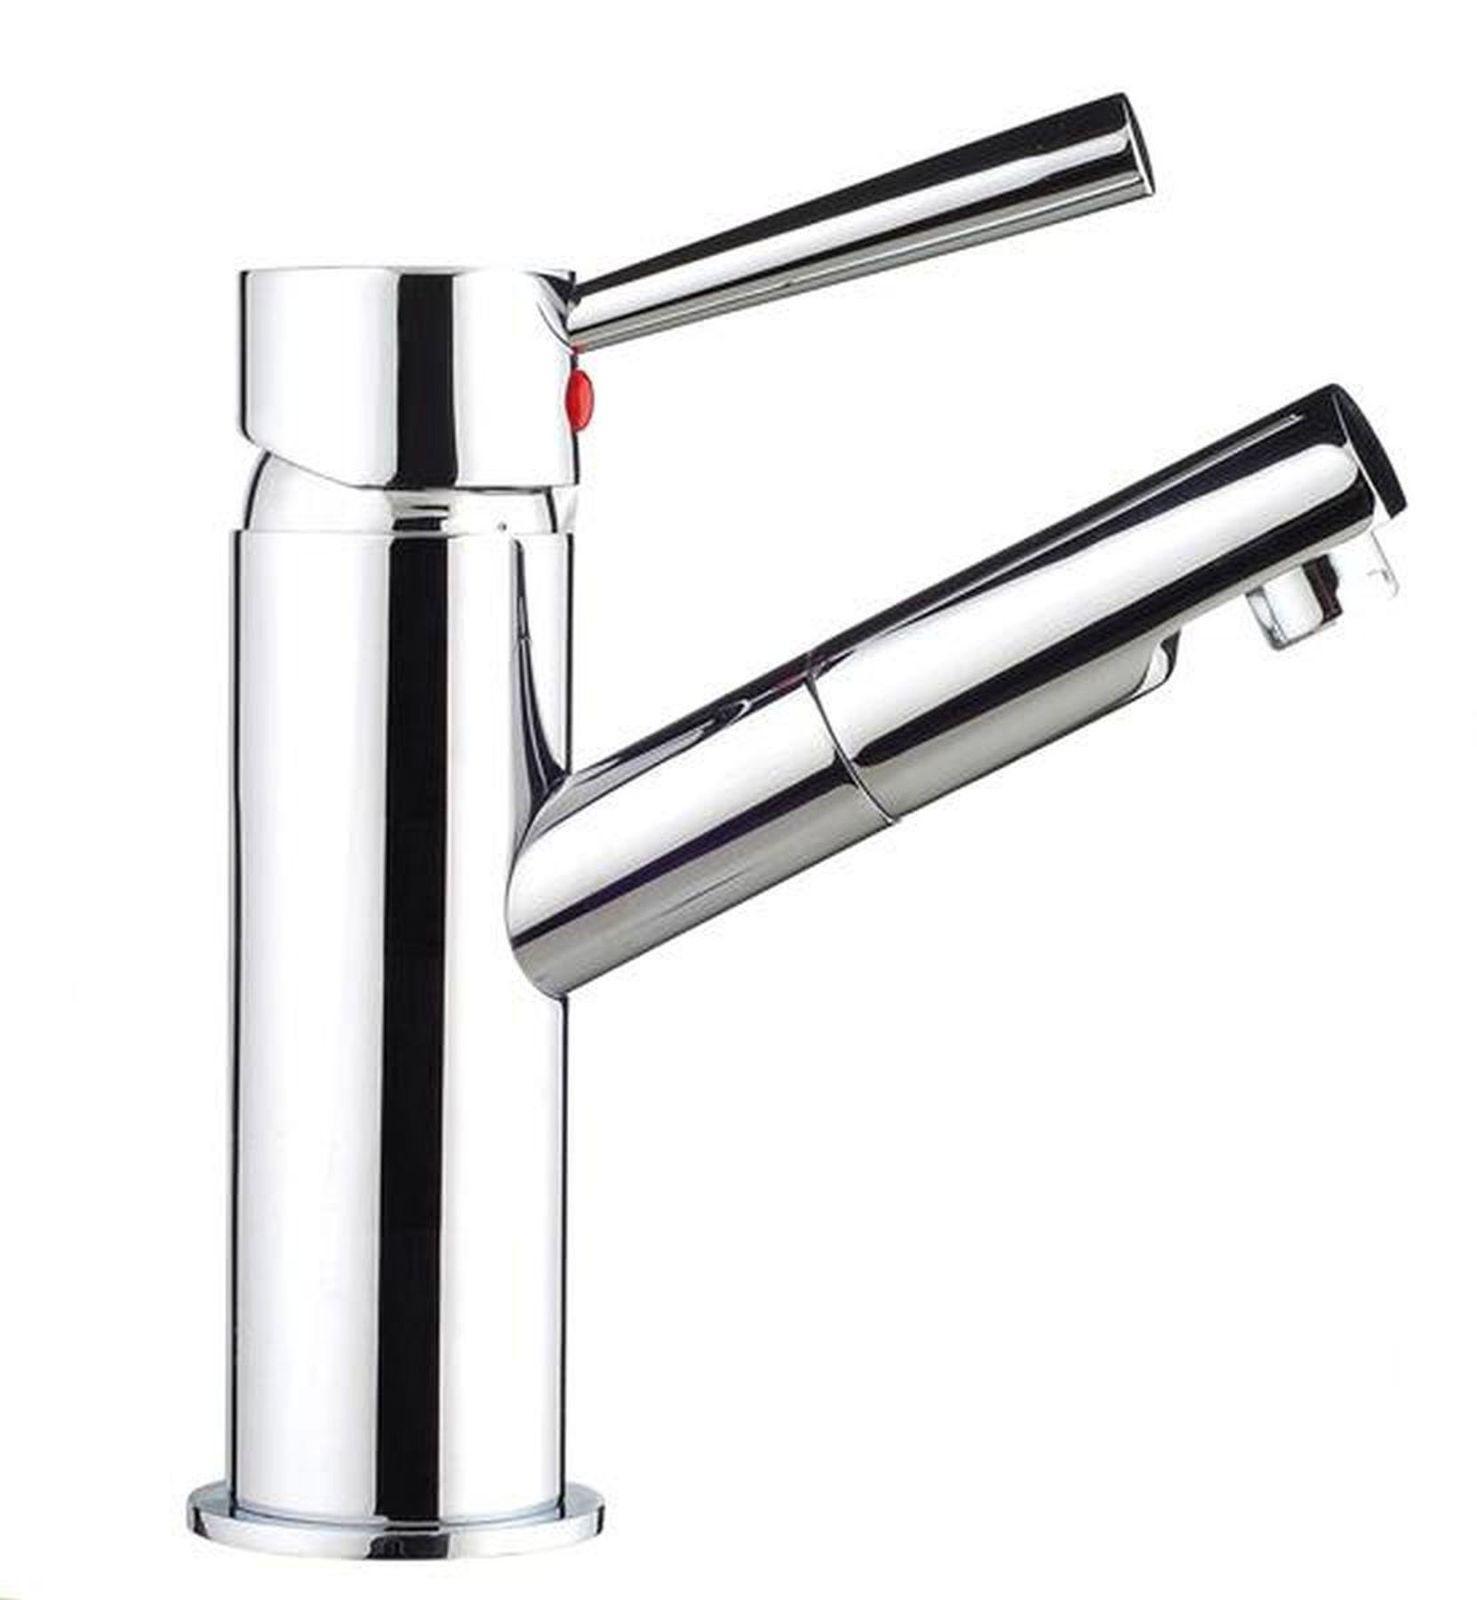 niederdruck bad waschbecken armatur wasserhahn einhebel einhandmischer 0433 kaufen bei. Black Bedroom Furniture Sets. Home Design Ideas